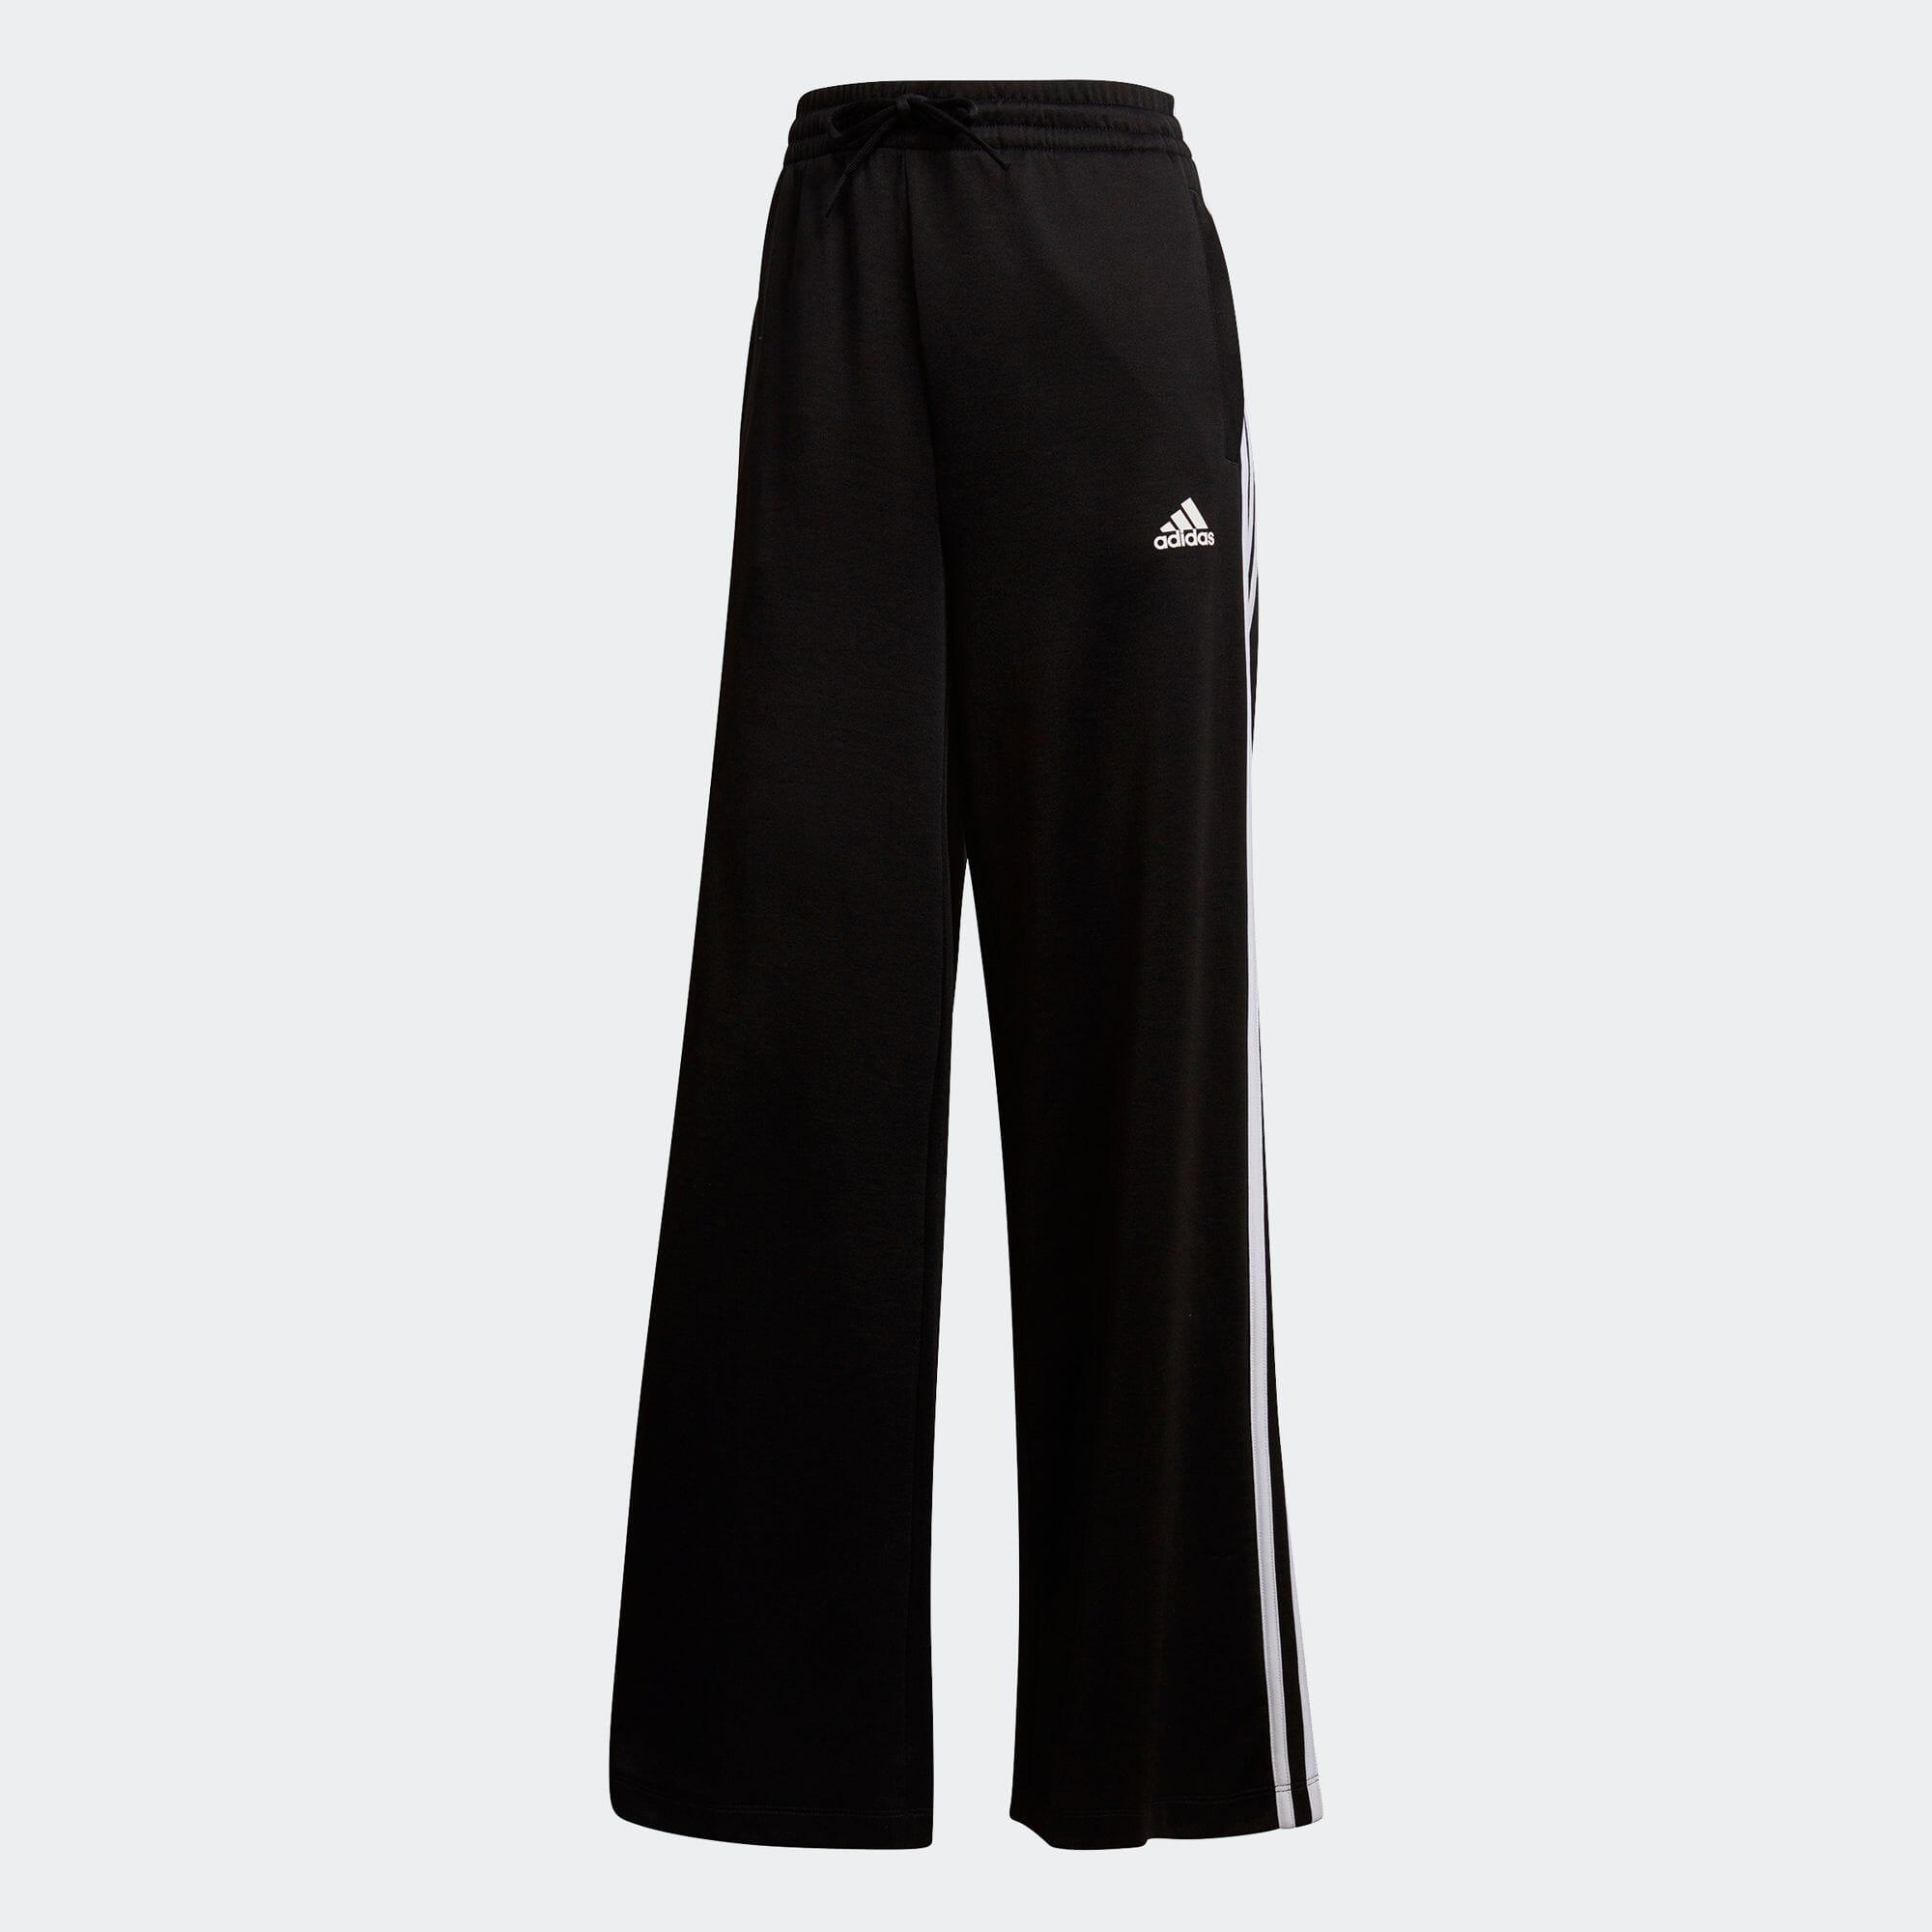 マストハブ ワイドパンツ / Must Haves Wide Pants